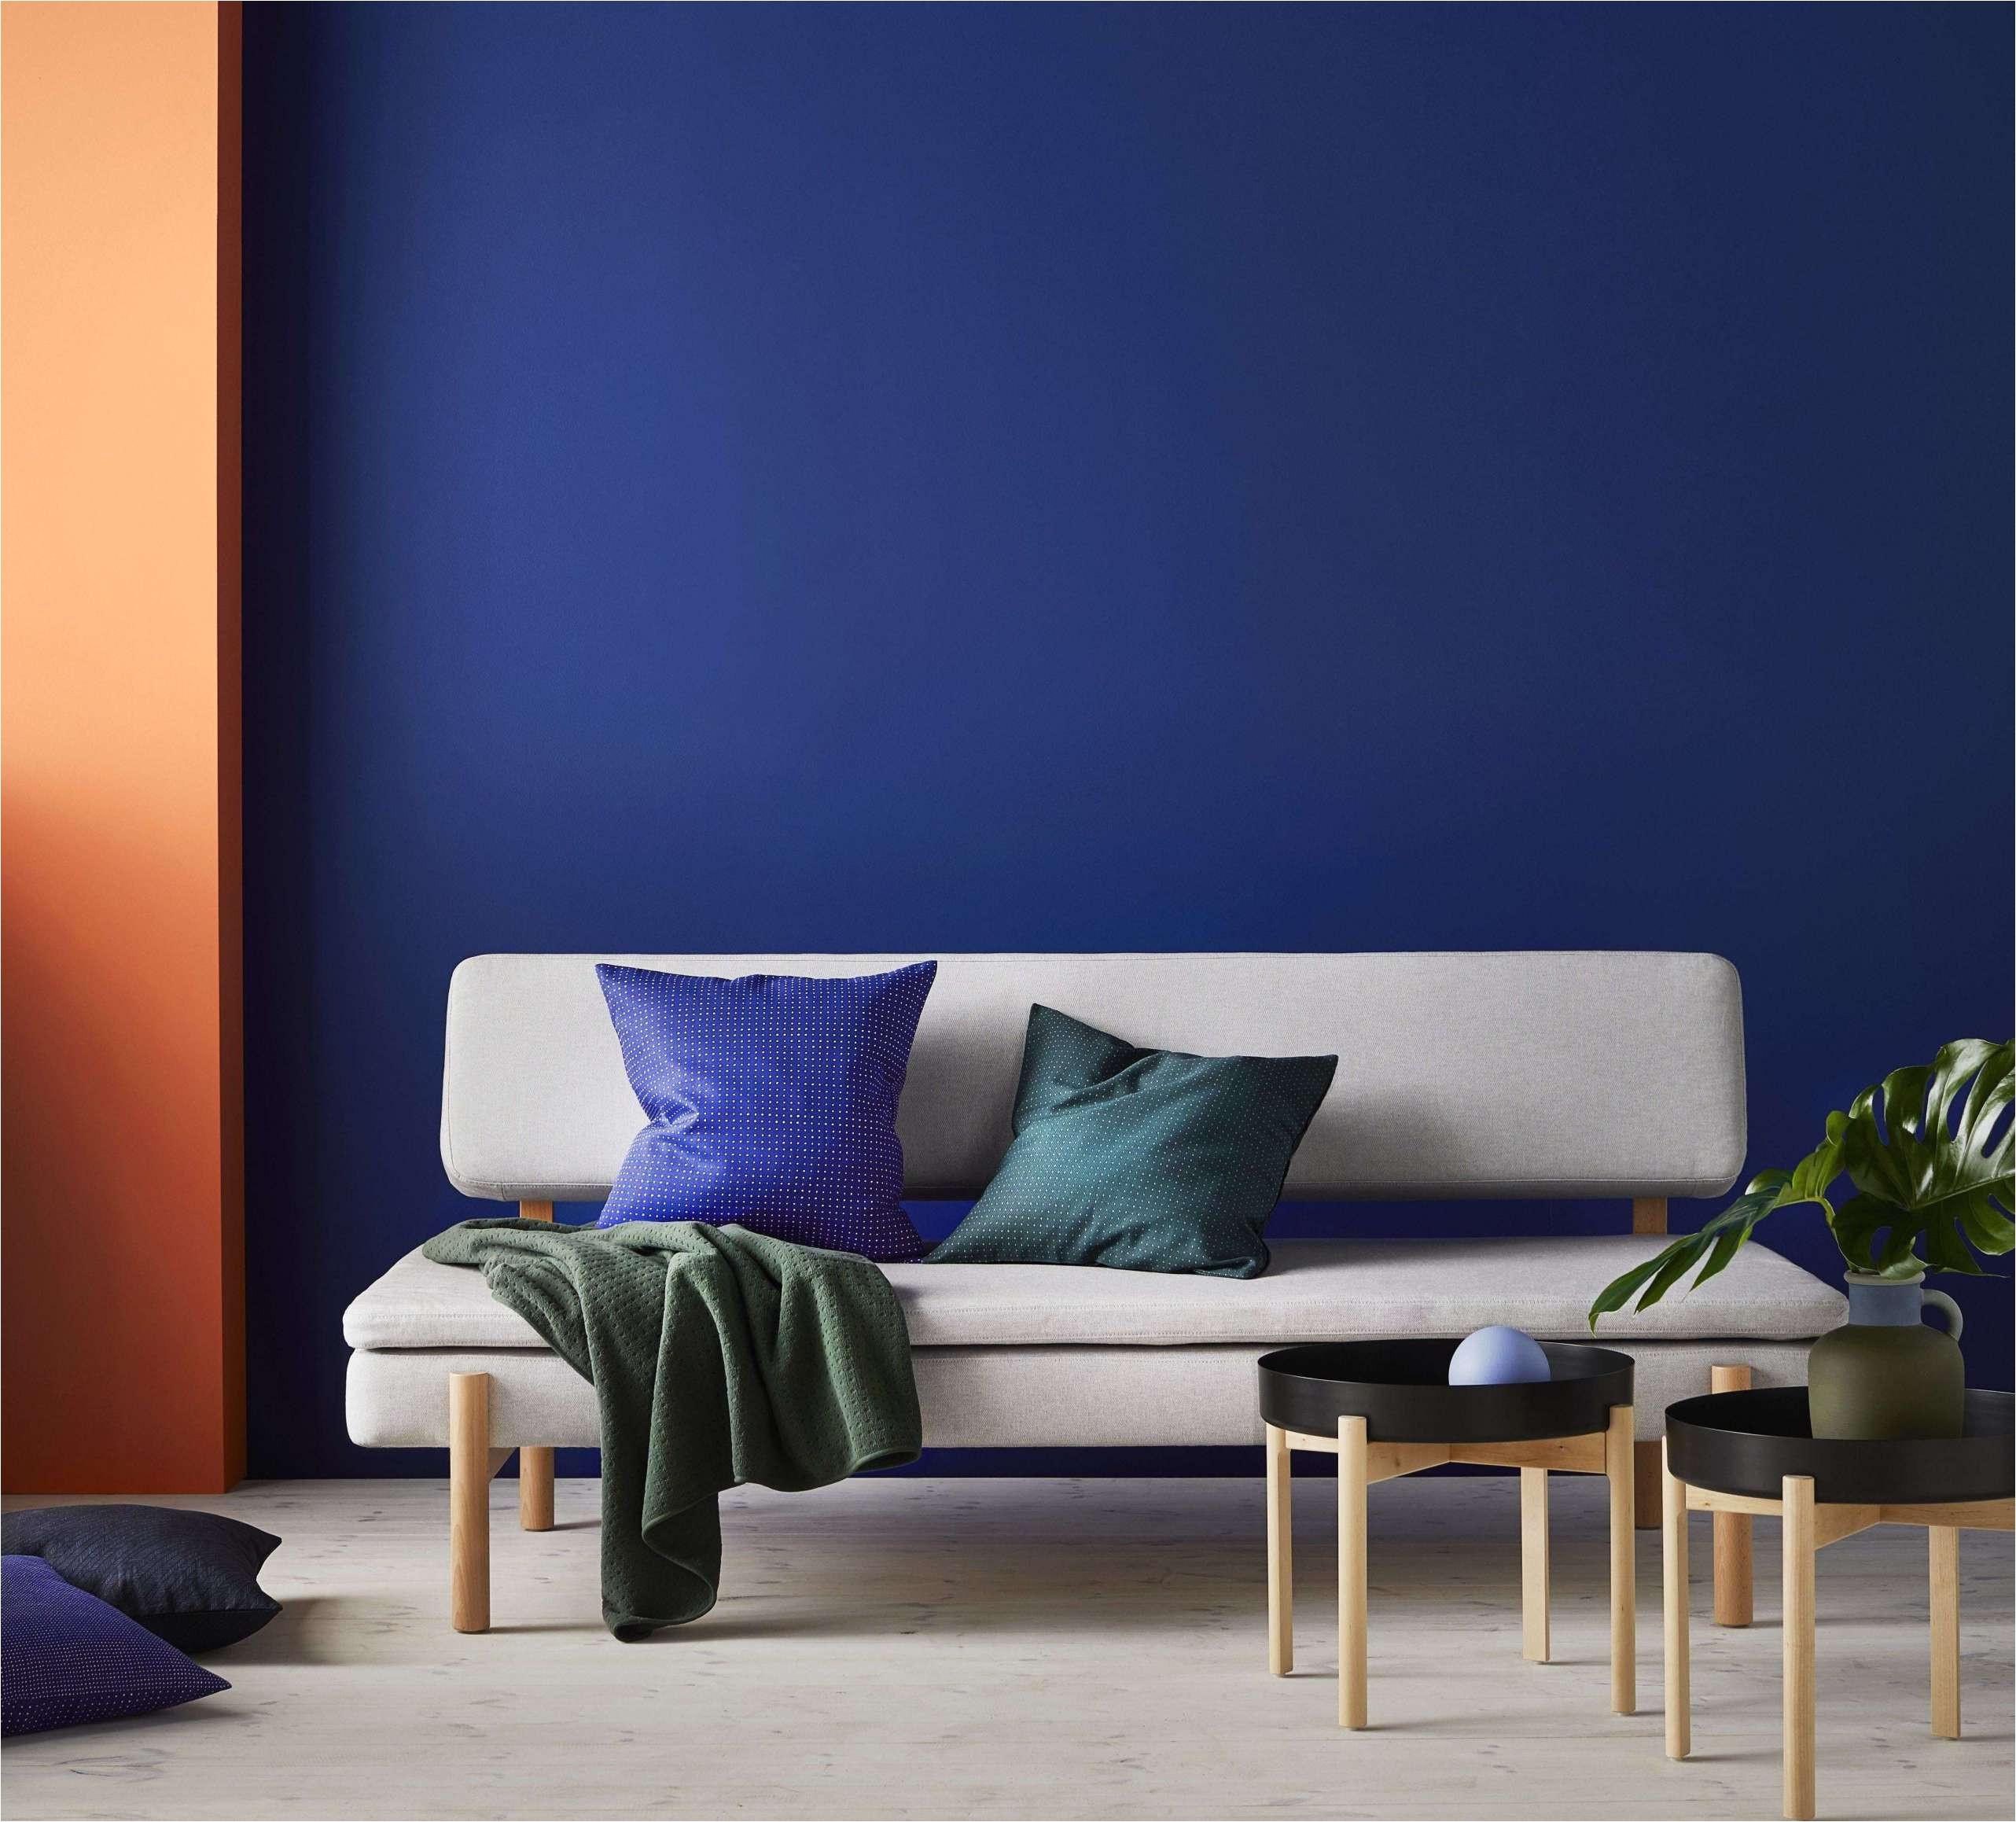 Ikea Living Room Wall Decor Best sofa Ikea Interior 48 Unique Microfiber sofa Sets Microfiber